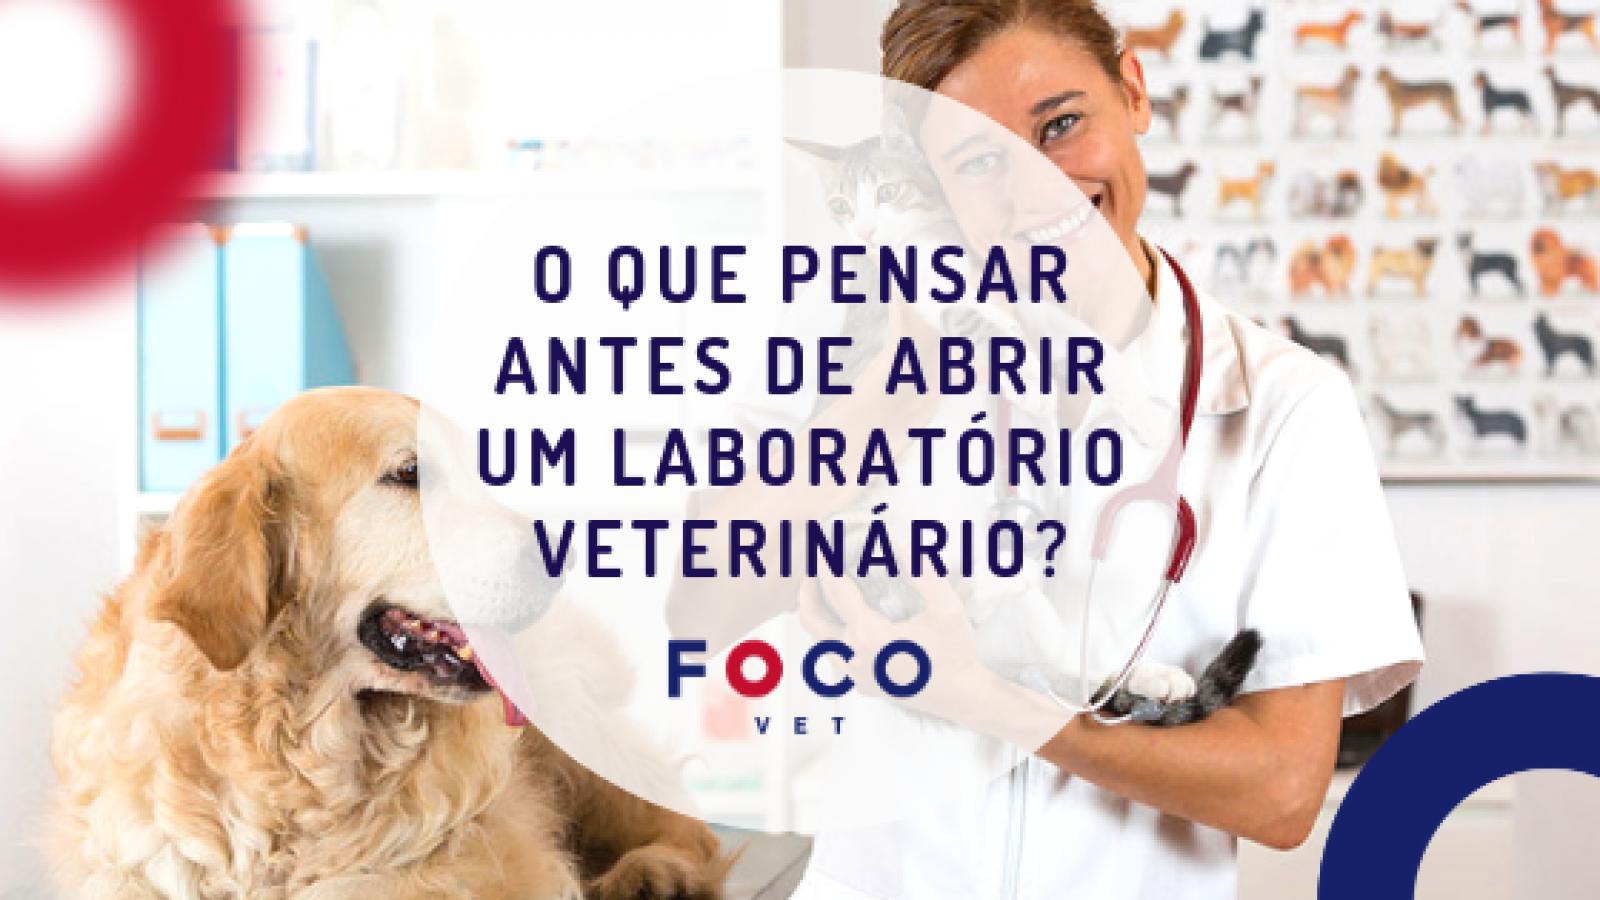 abrir_laboratorio_veterinario_simples